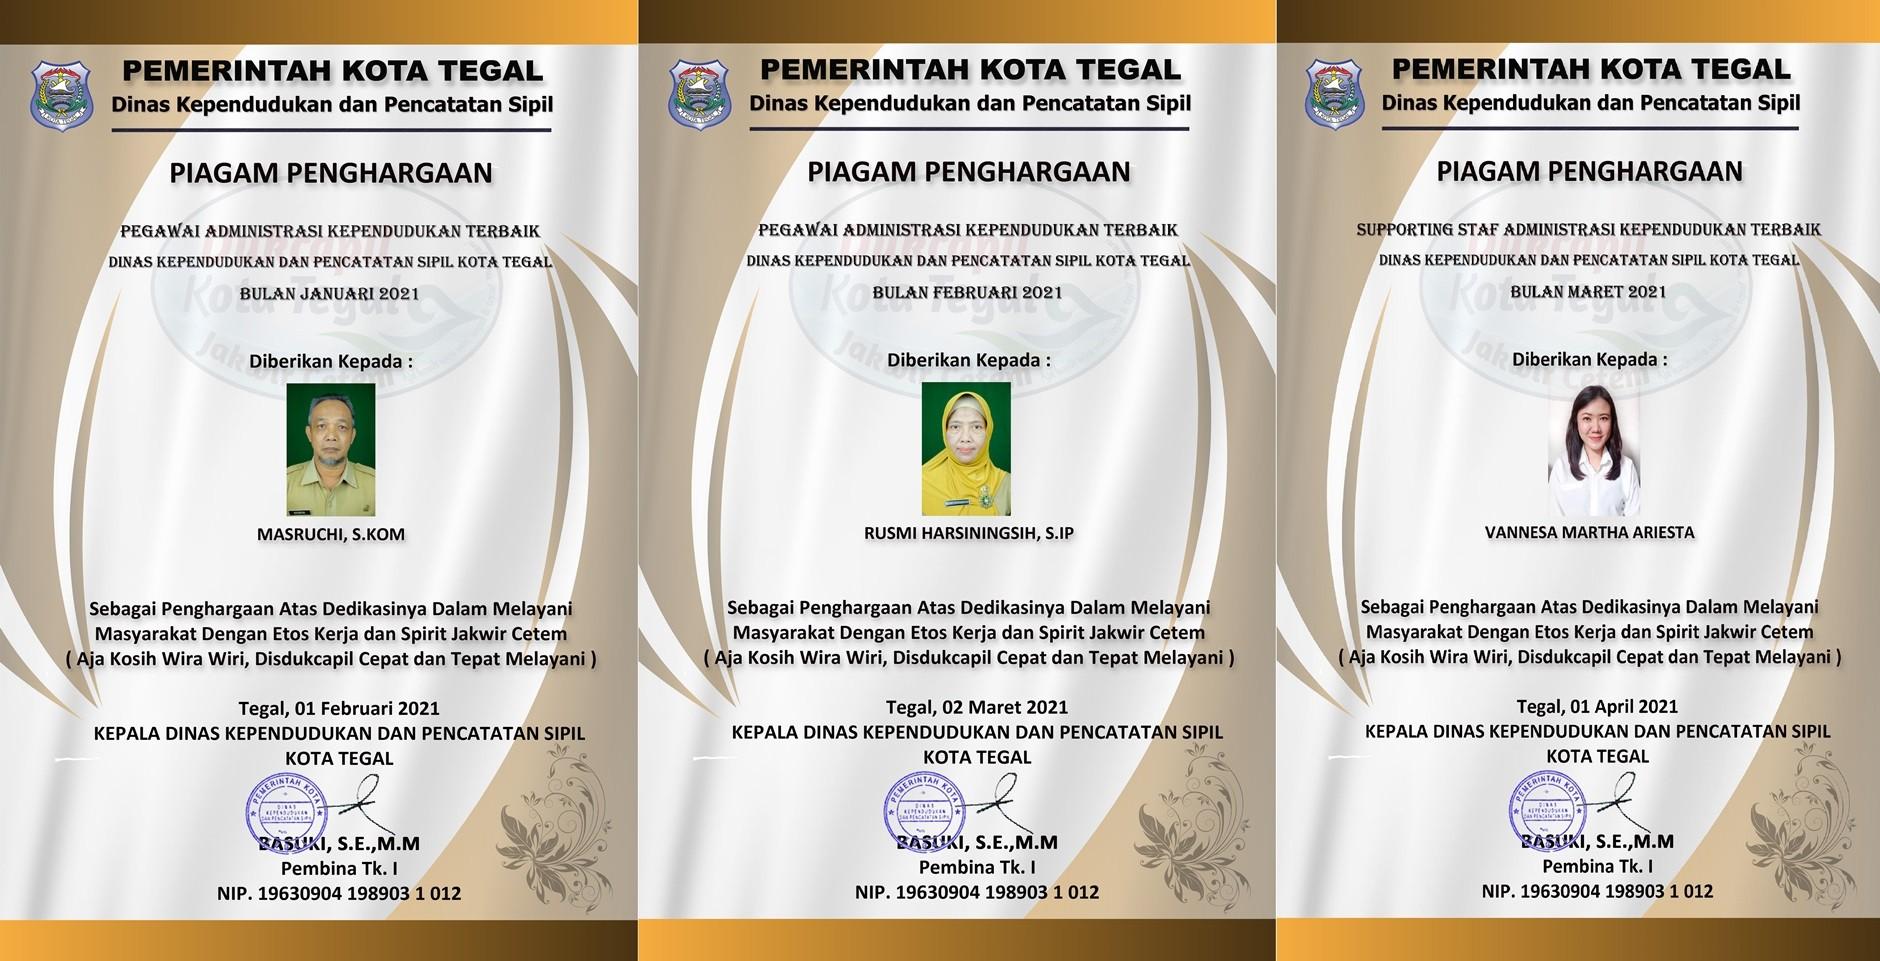 Penghargaan_-_Triwulan_1.jpg